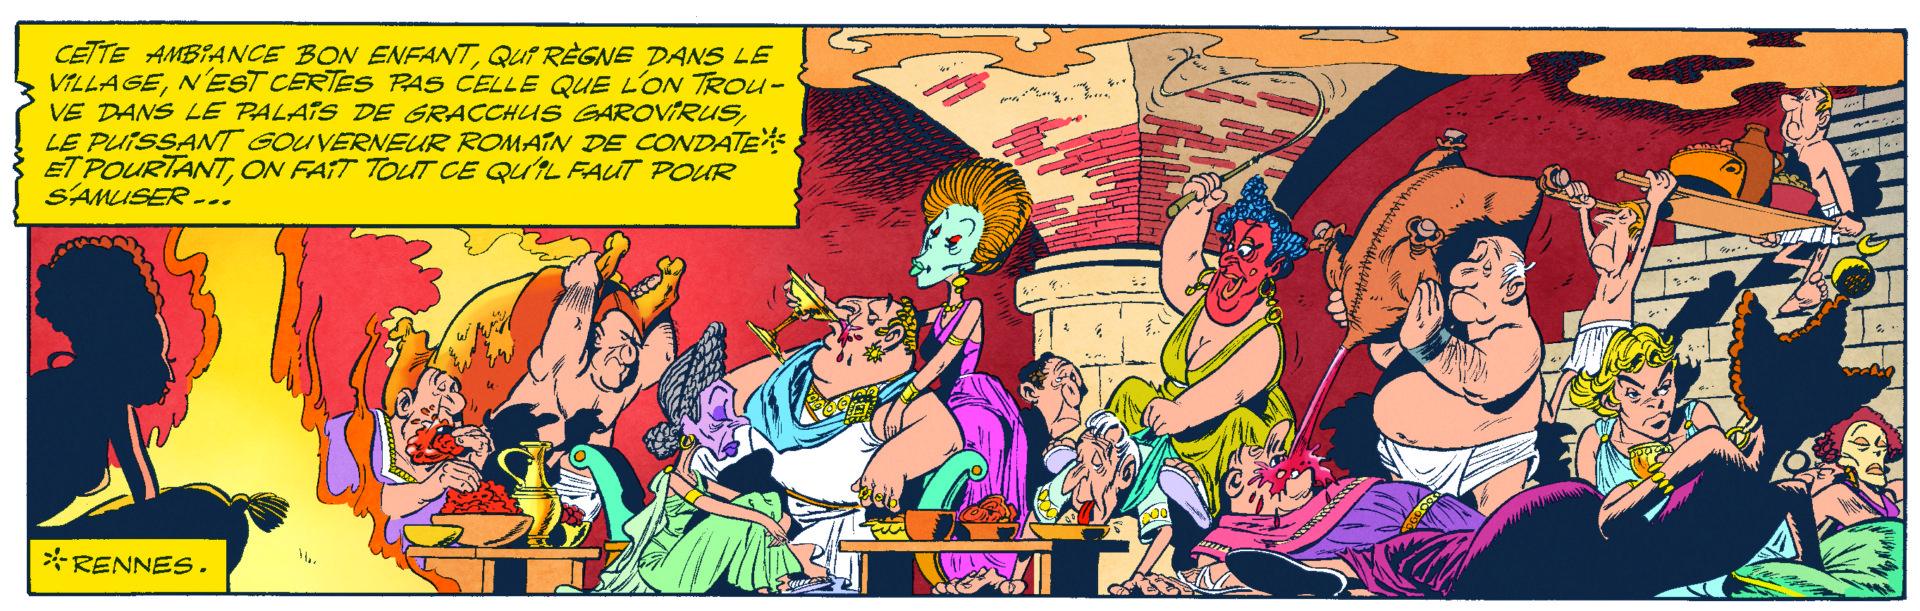 Credit : Editions Albet René